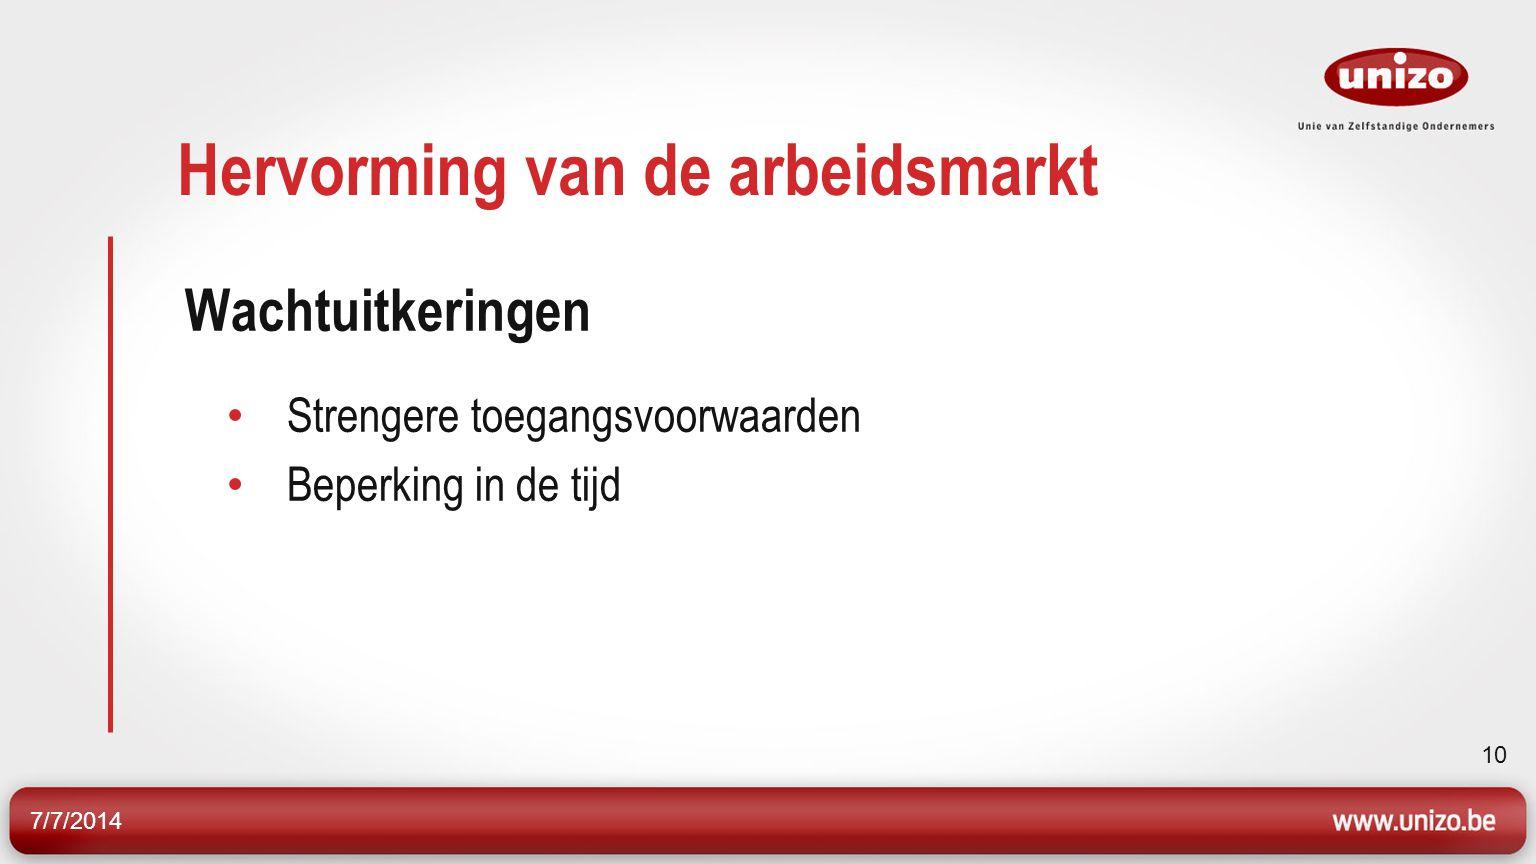 7/7/2014 10 Hervorming van de arbeidsmarkt Wachtuitkeringen Strengere toegangsvoorwaarden Beperking in de tijd